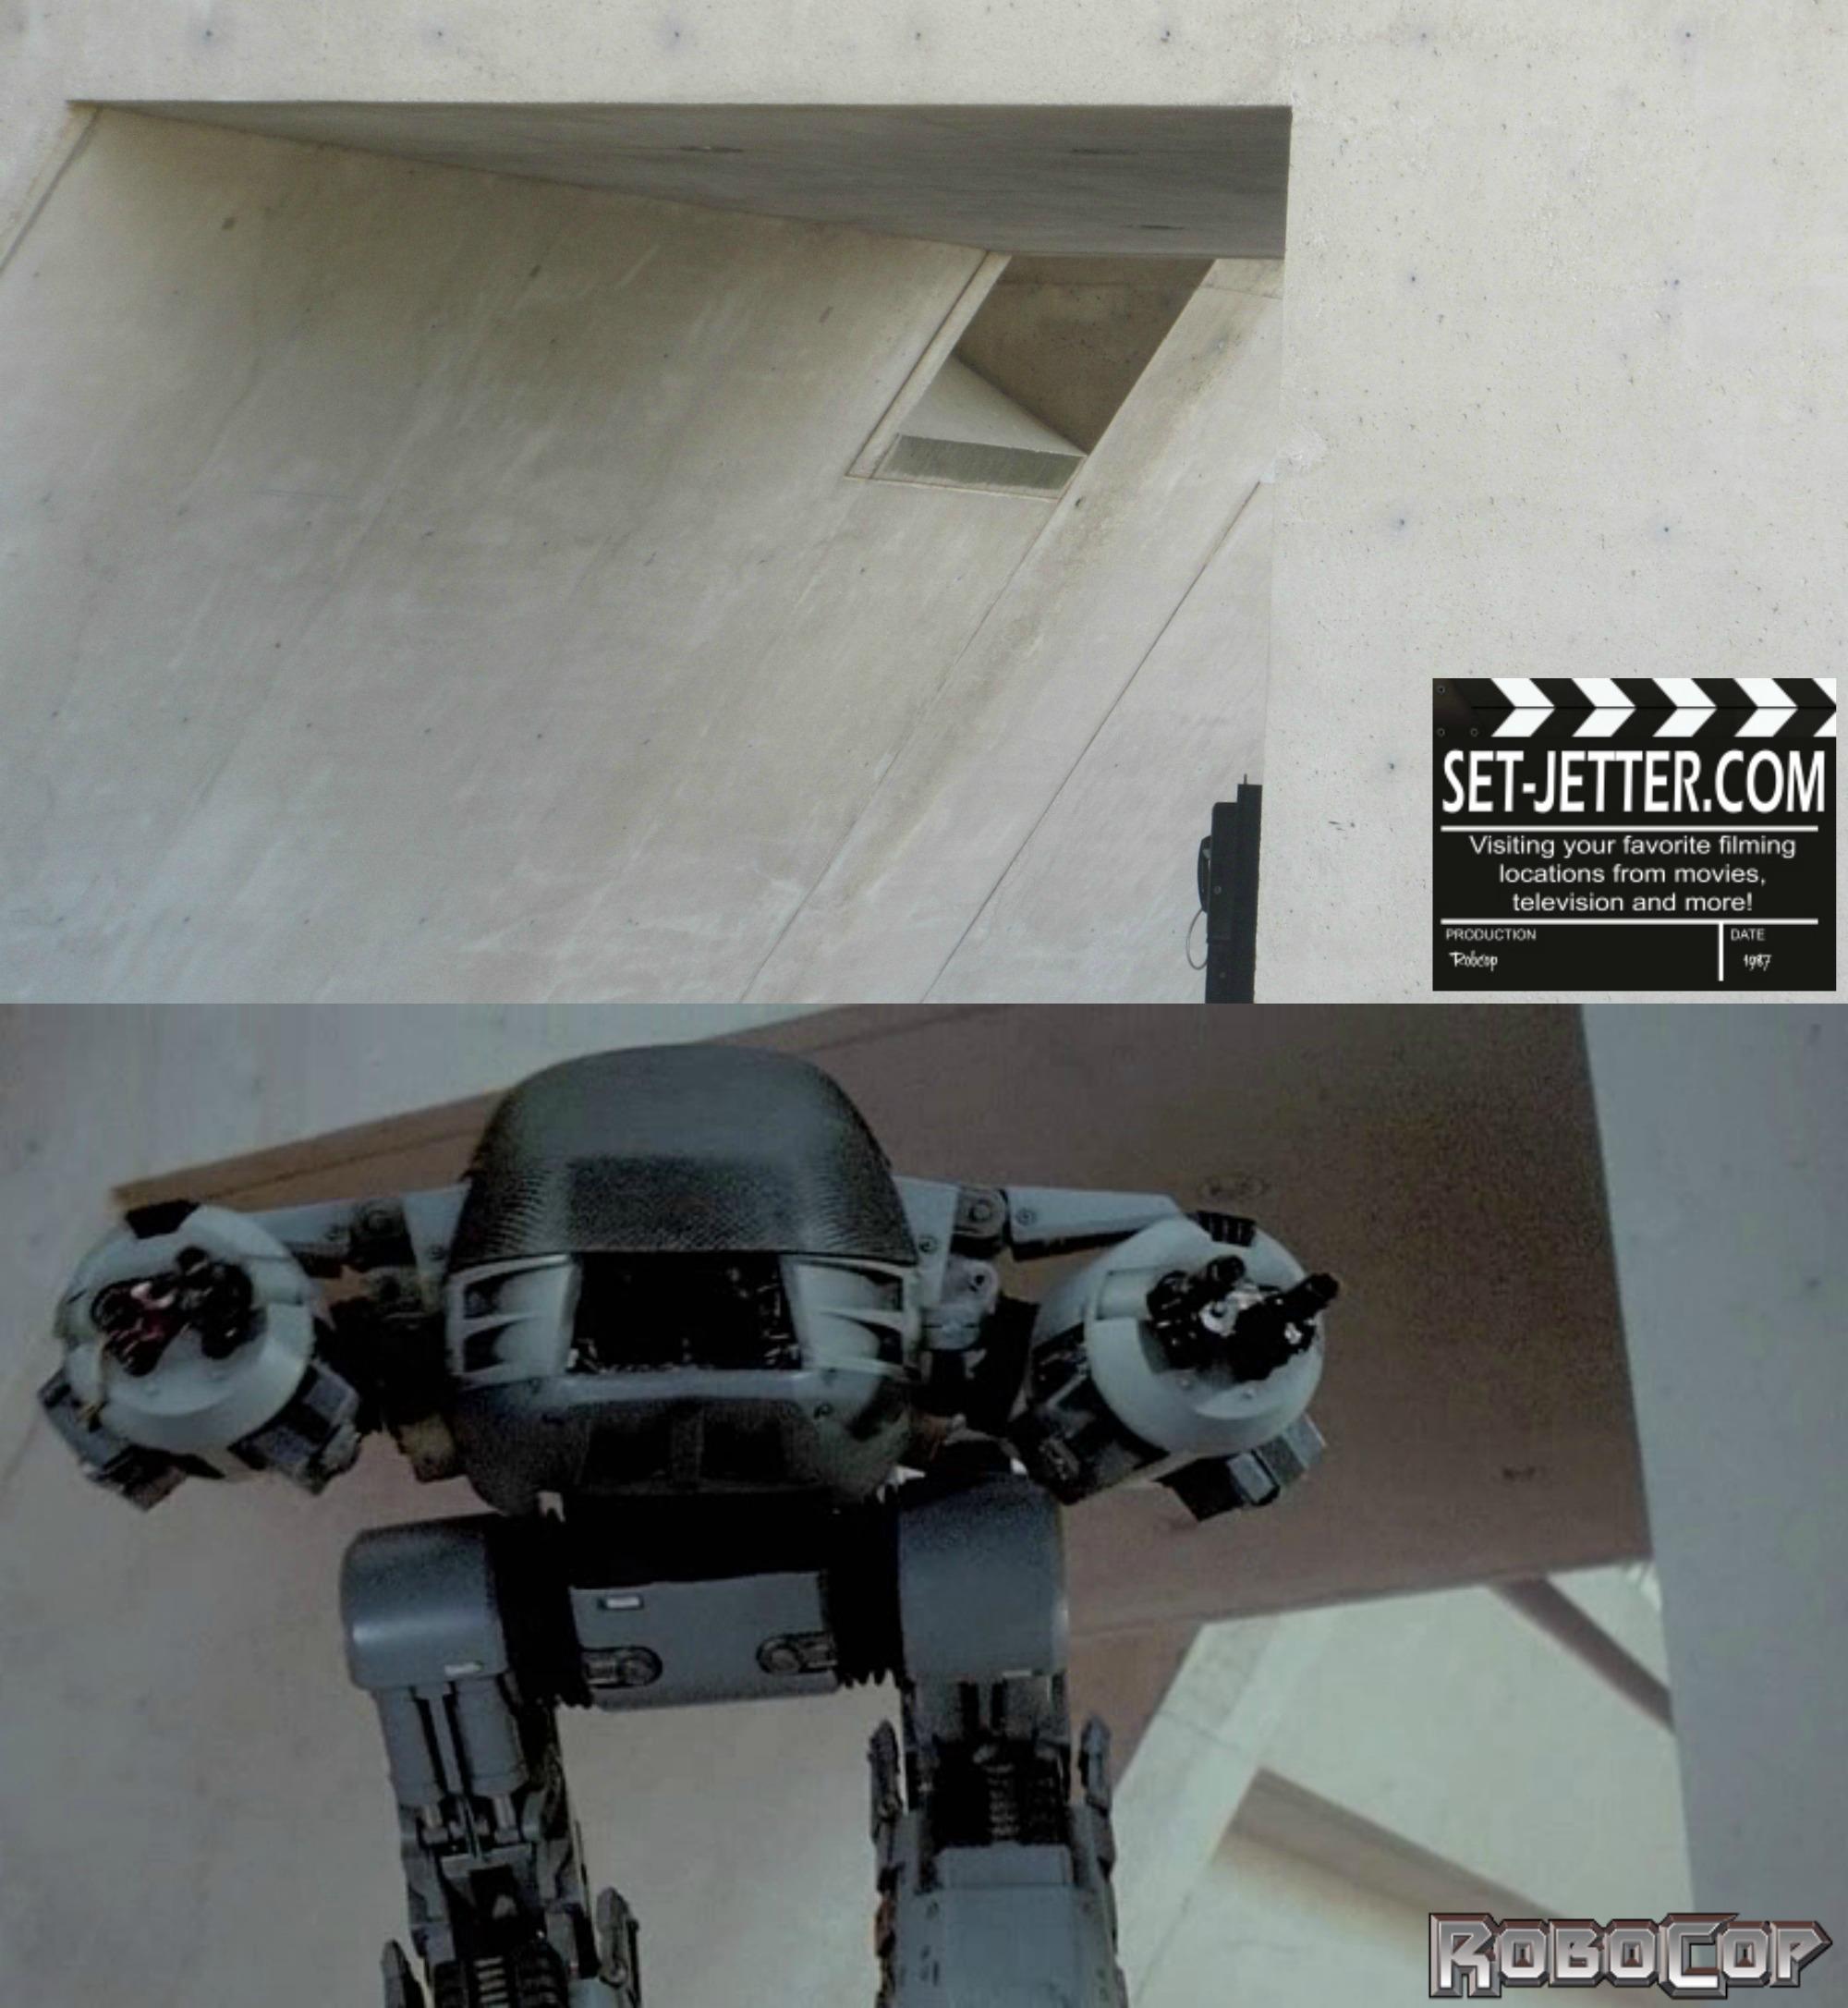 Robocop comparison 165.jpg